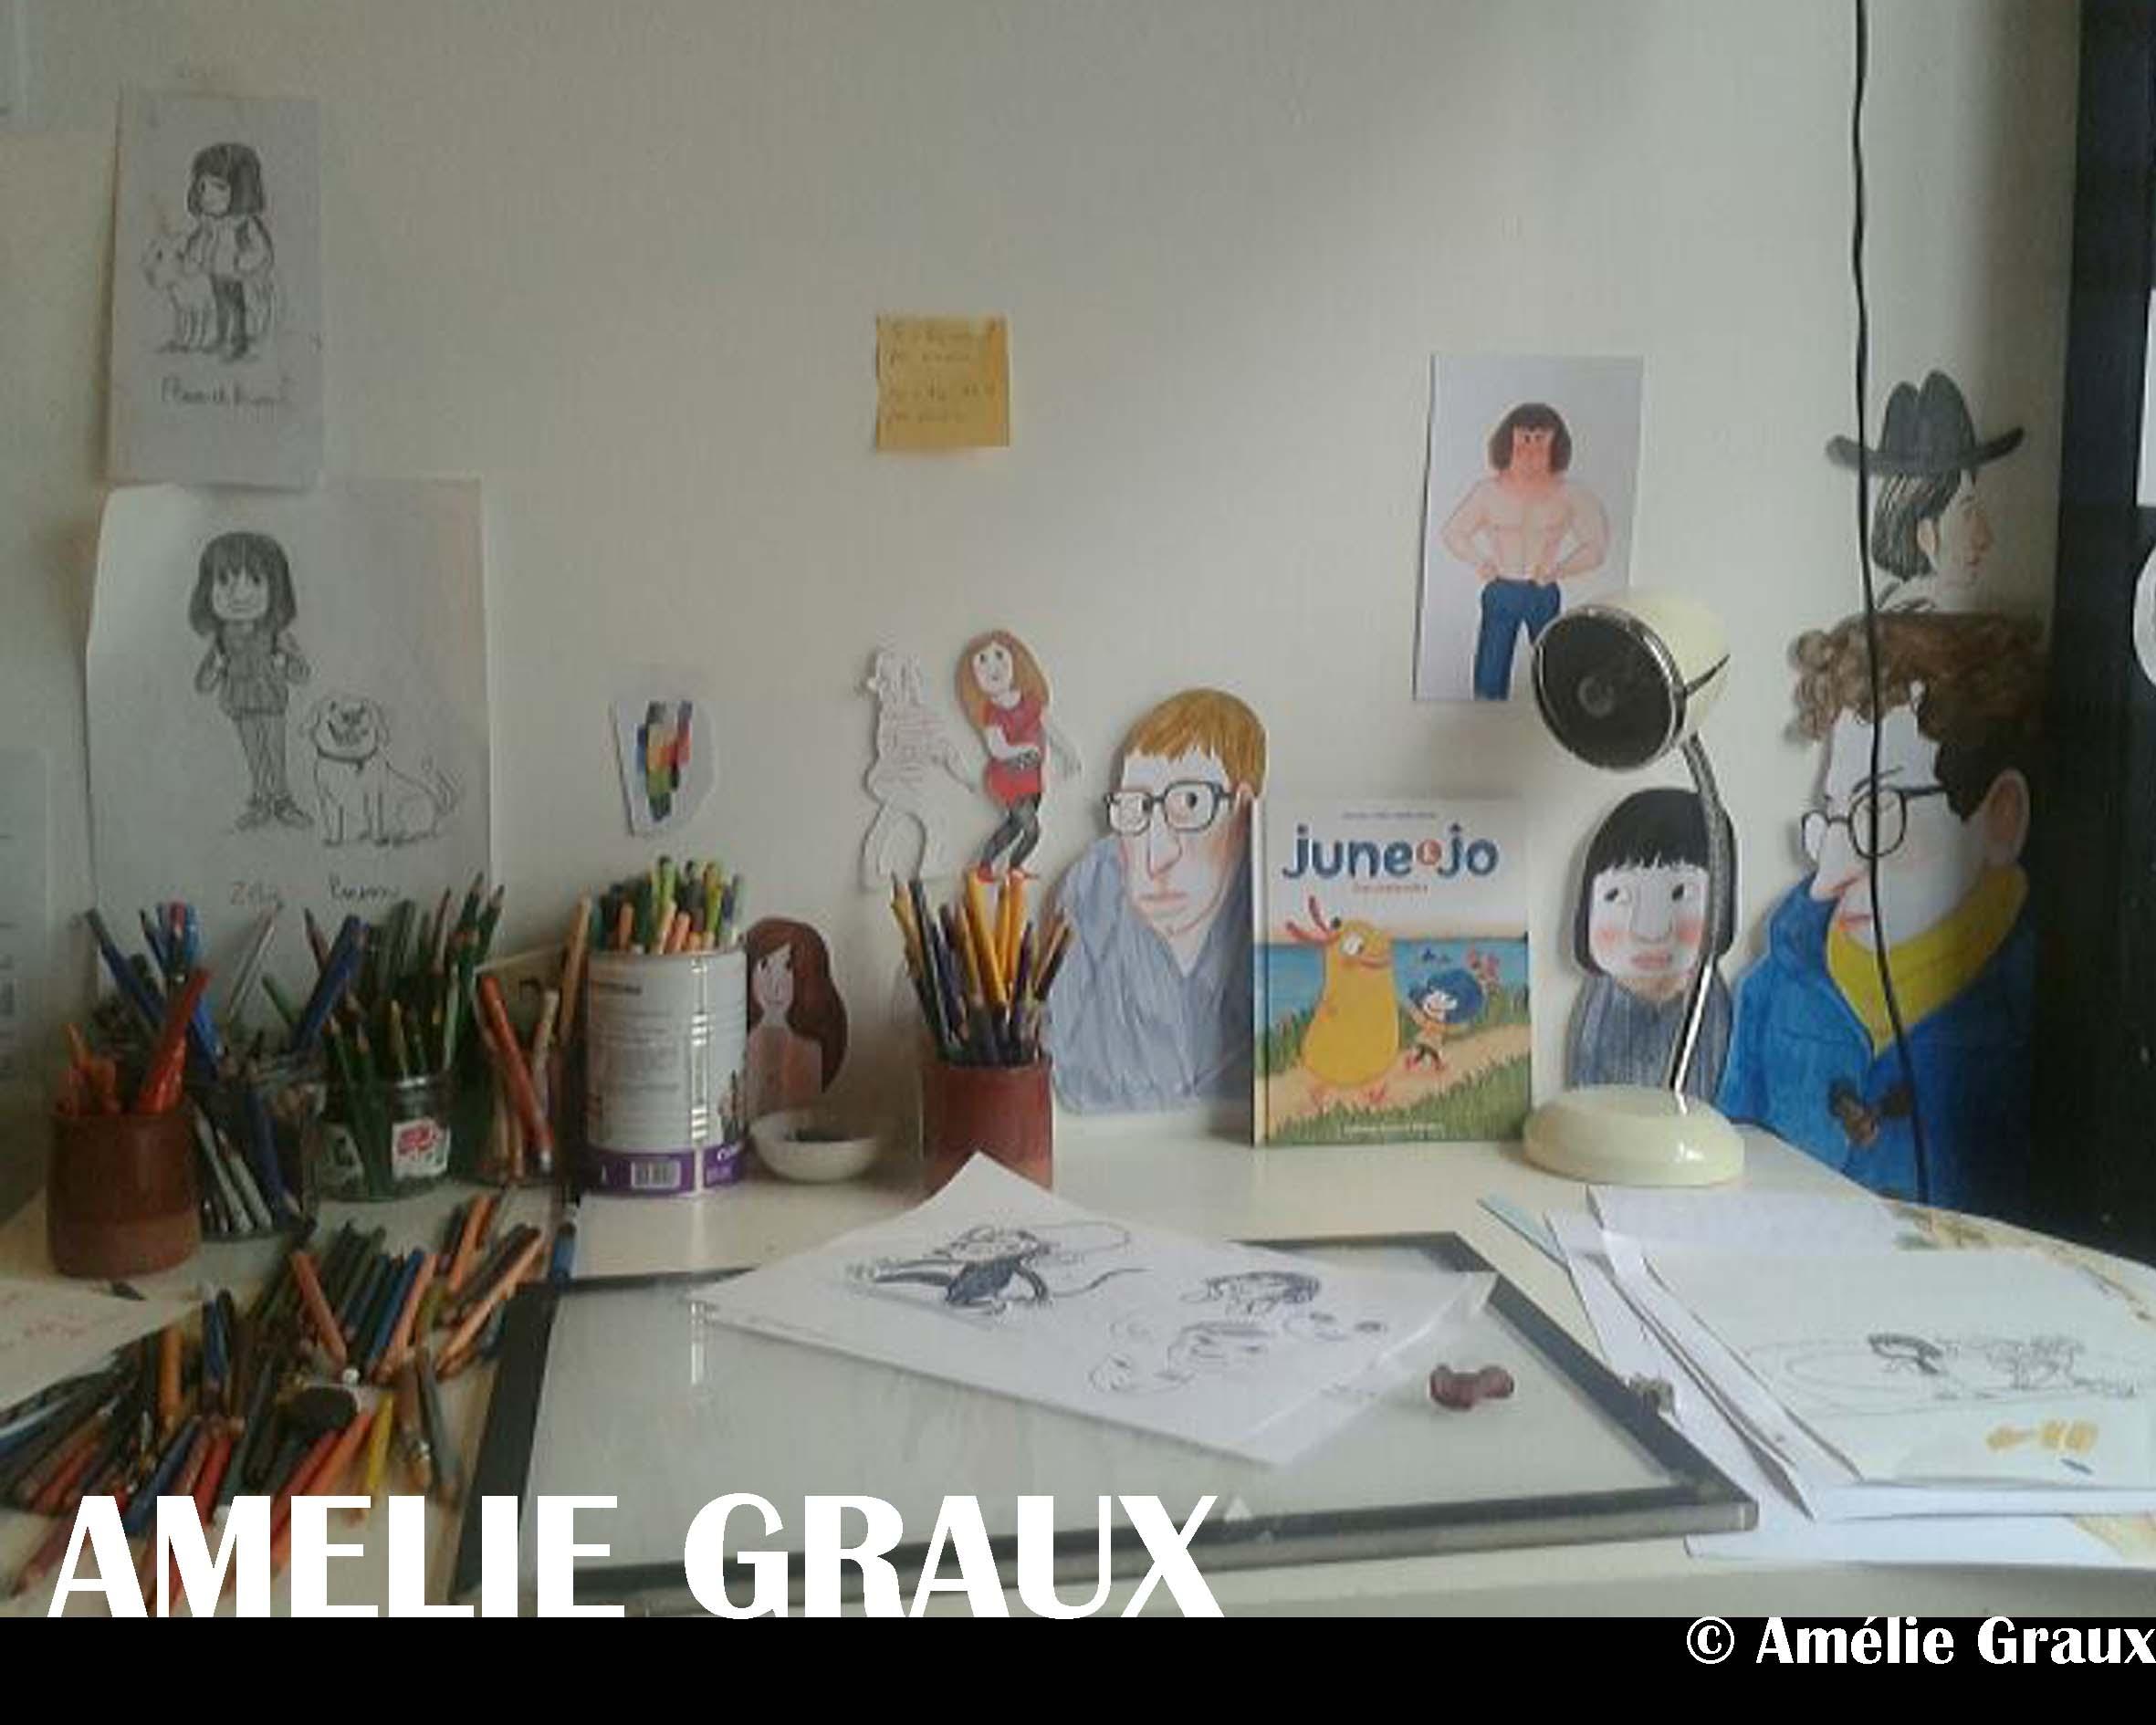 Amélie Graux